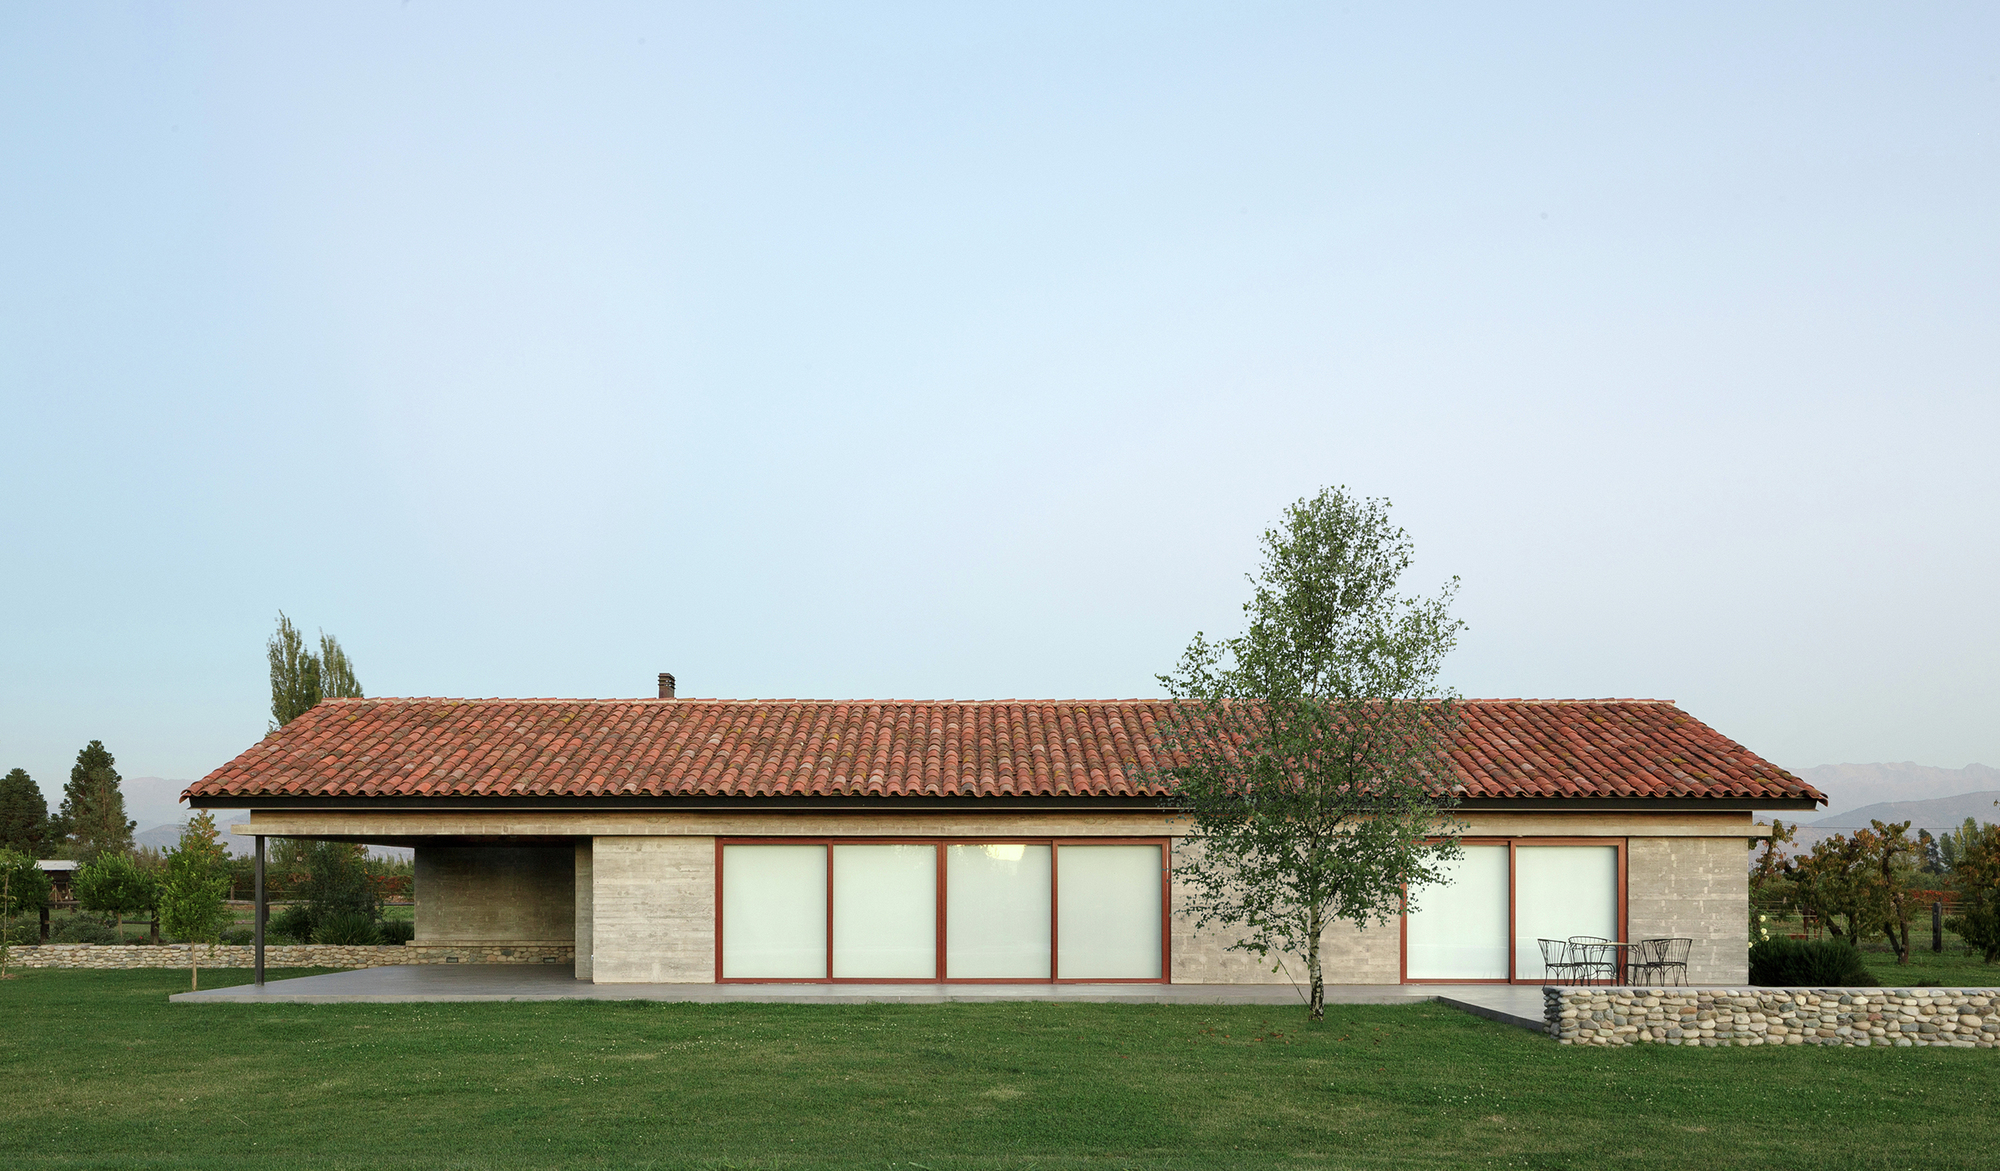 Casa de campo paula livingstone max velasco for Casa de campo arquitectura